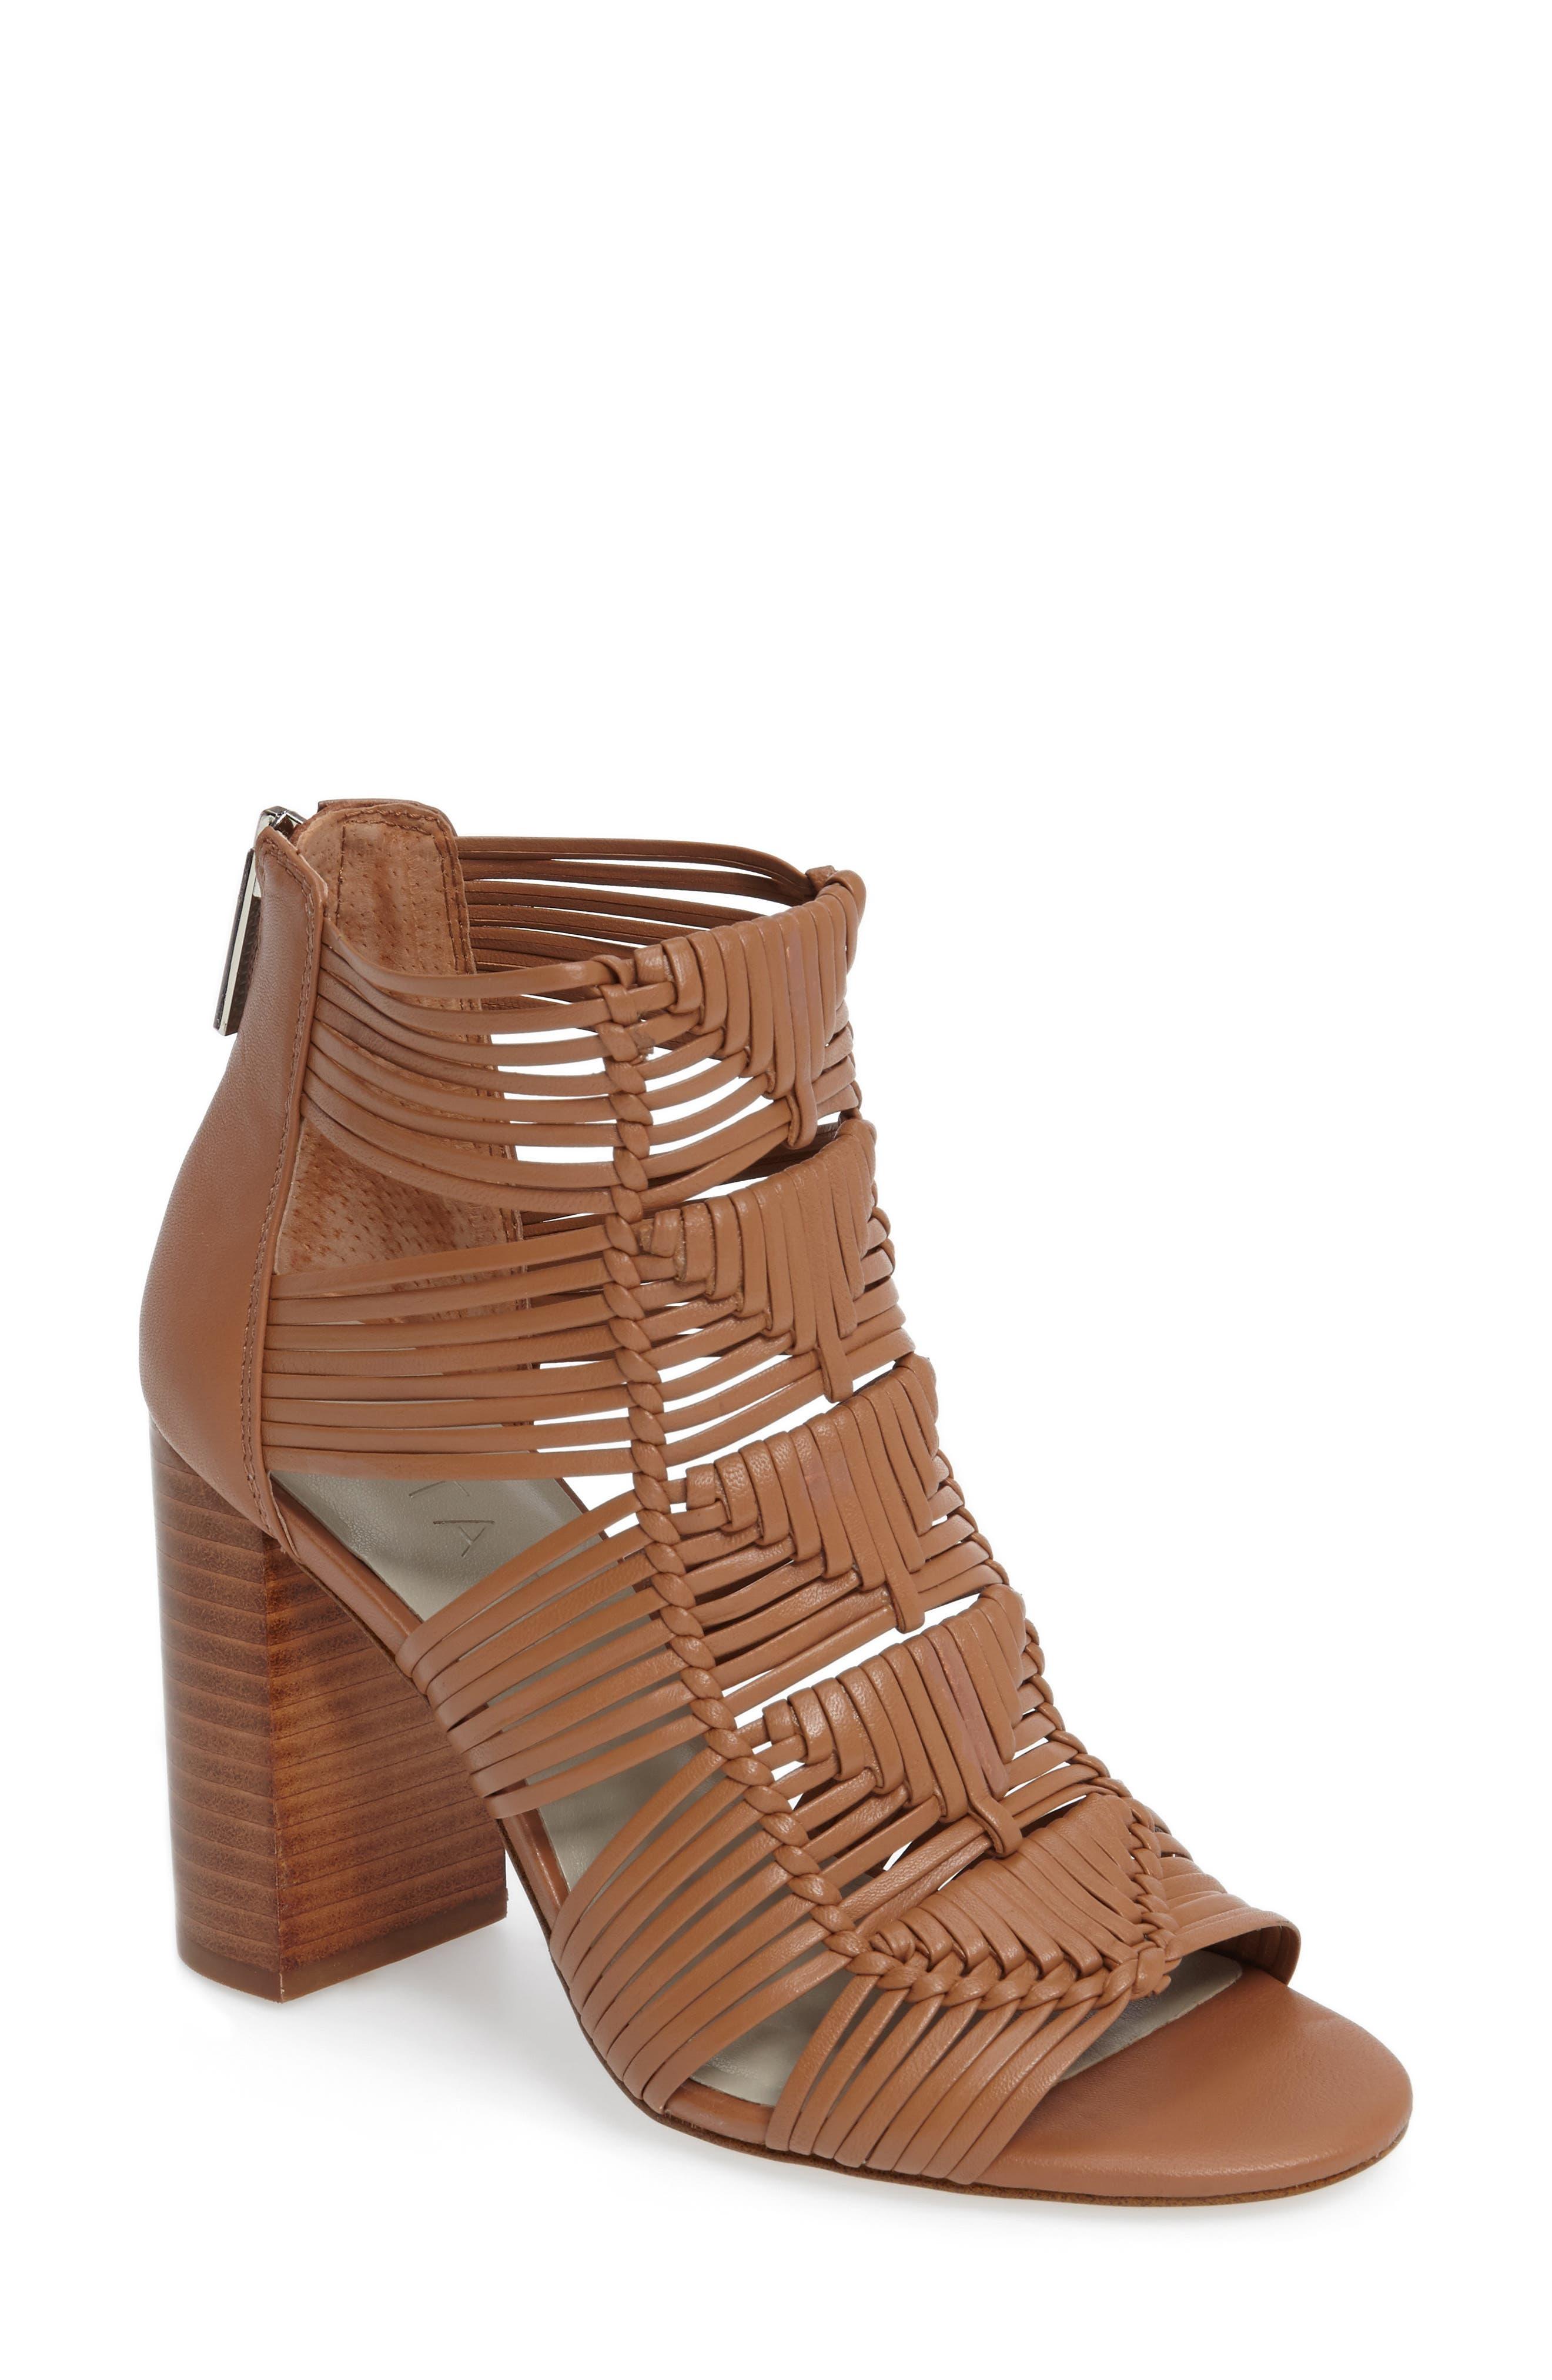 Main Image - 1.STATE Kenton Woven Cage Sandal (Women)